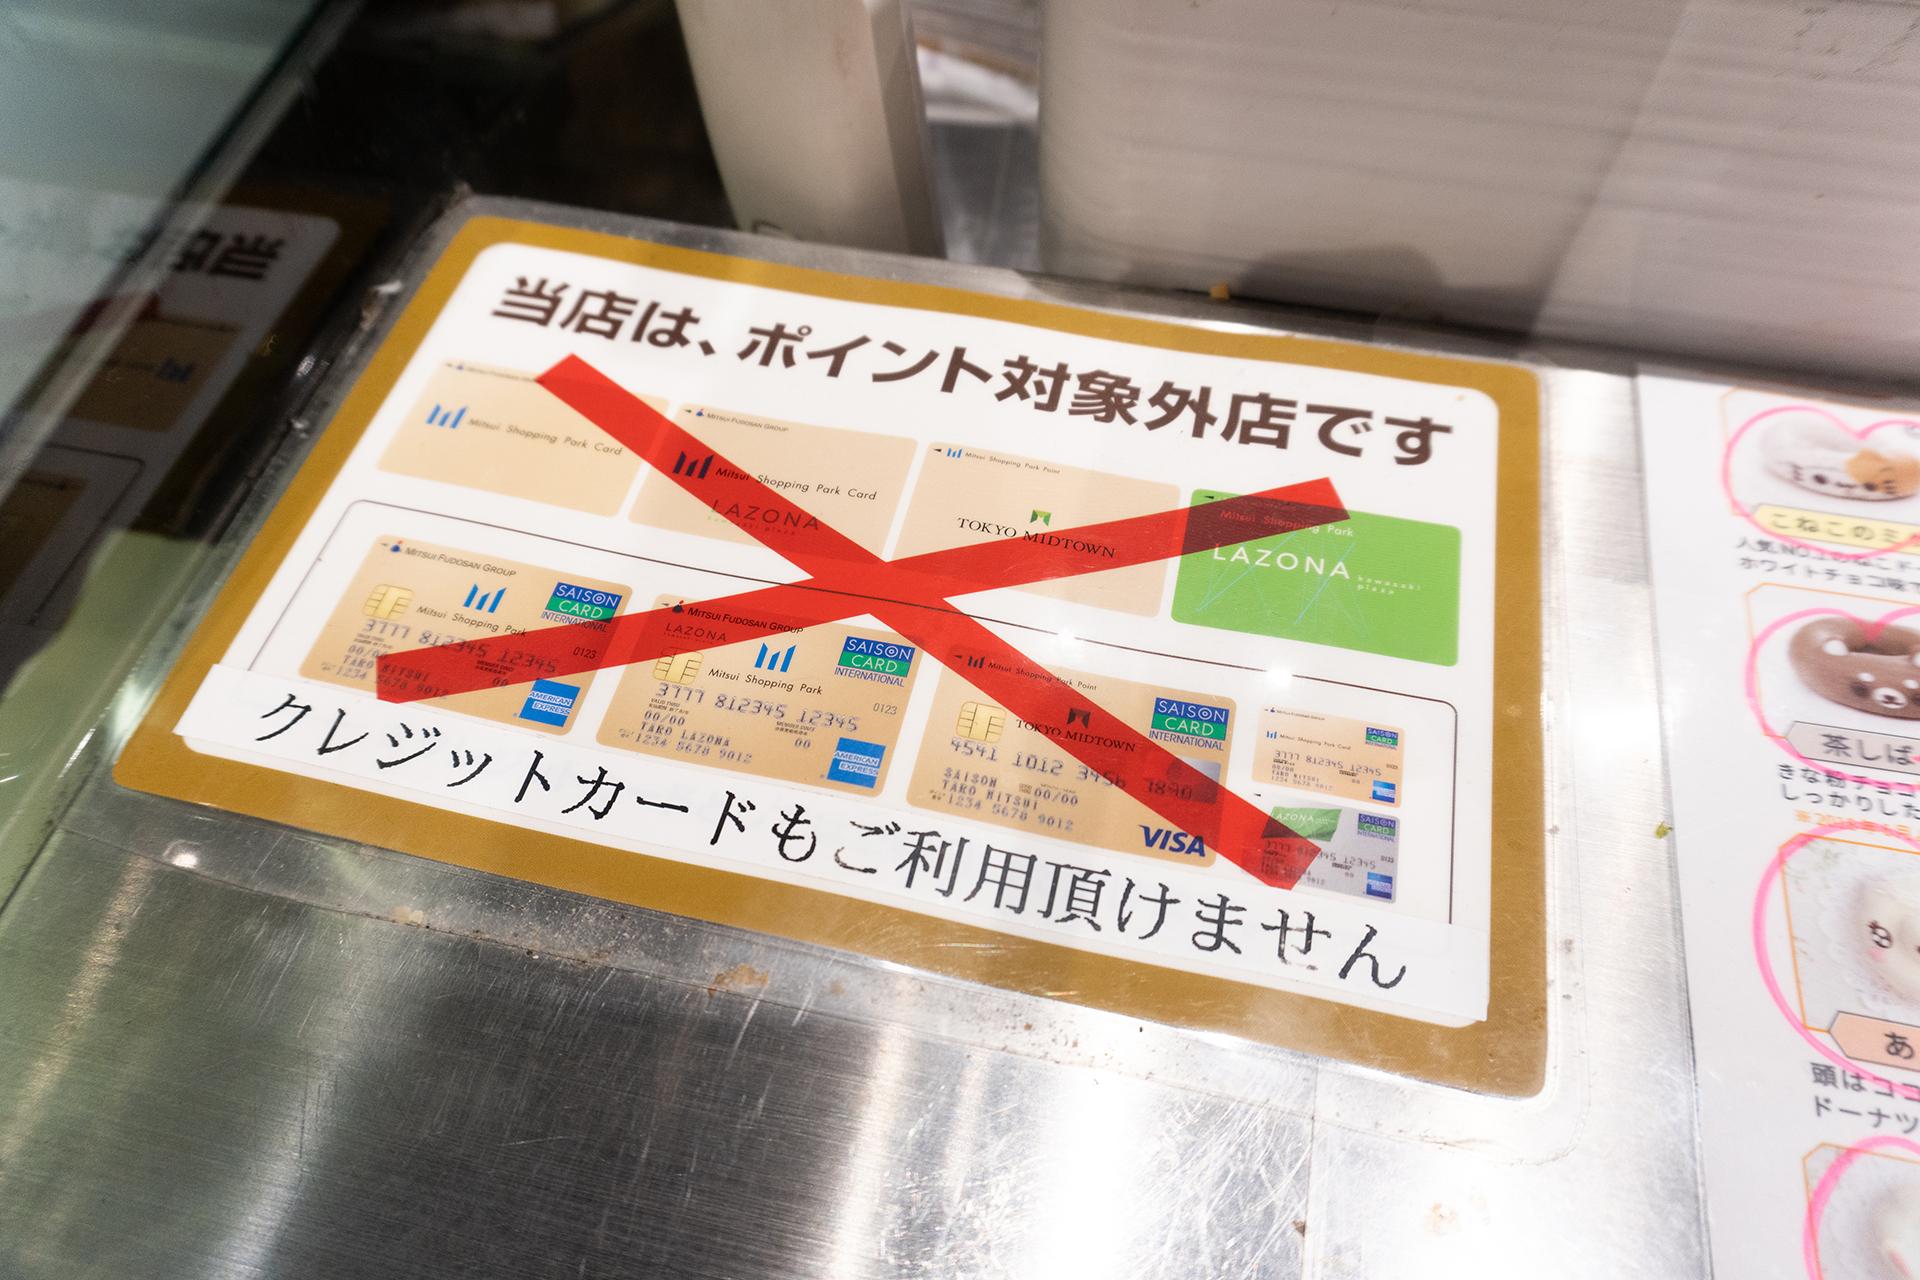 カード使用禁止看板